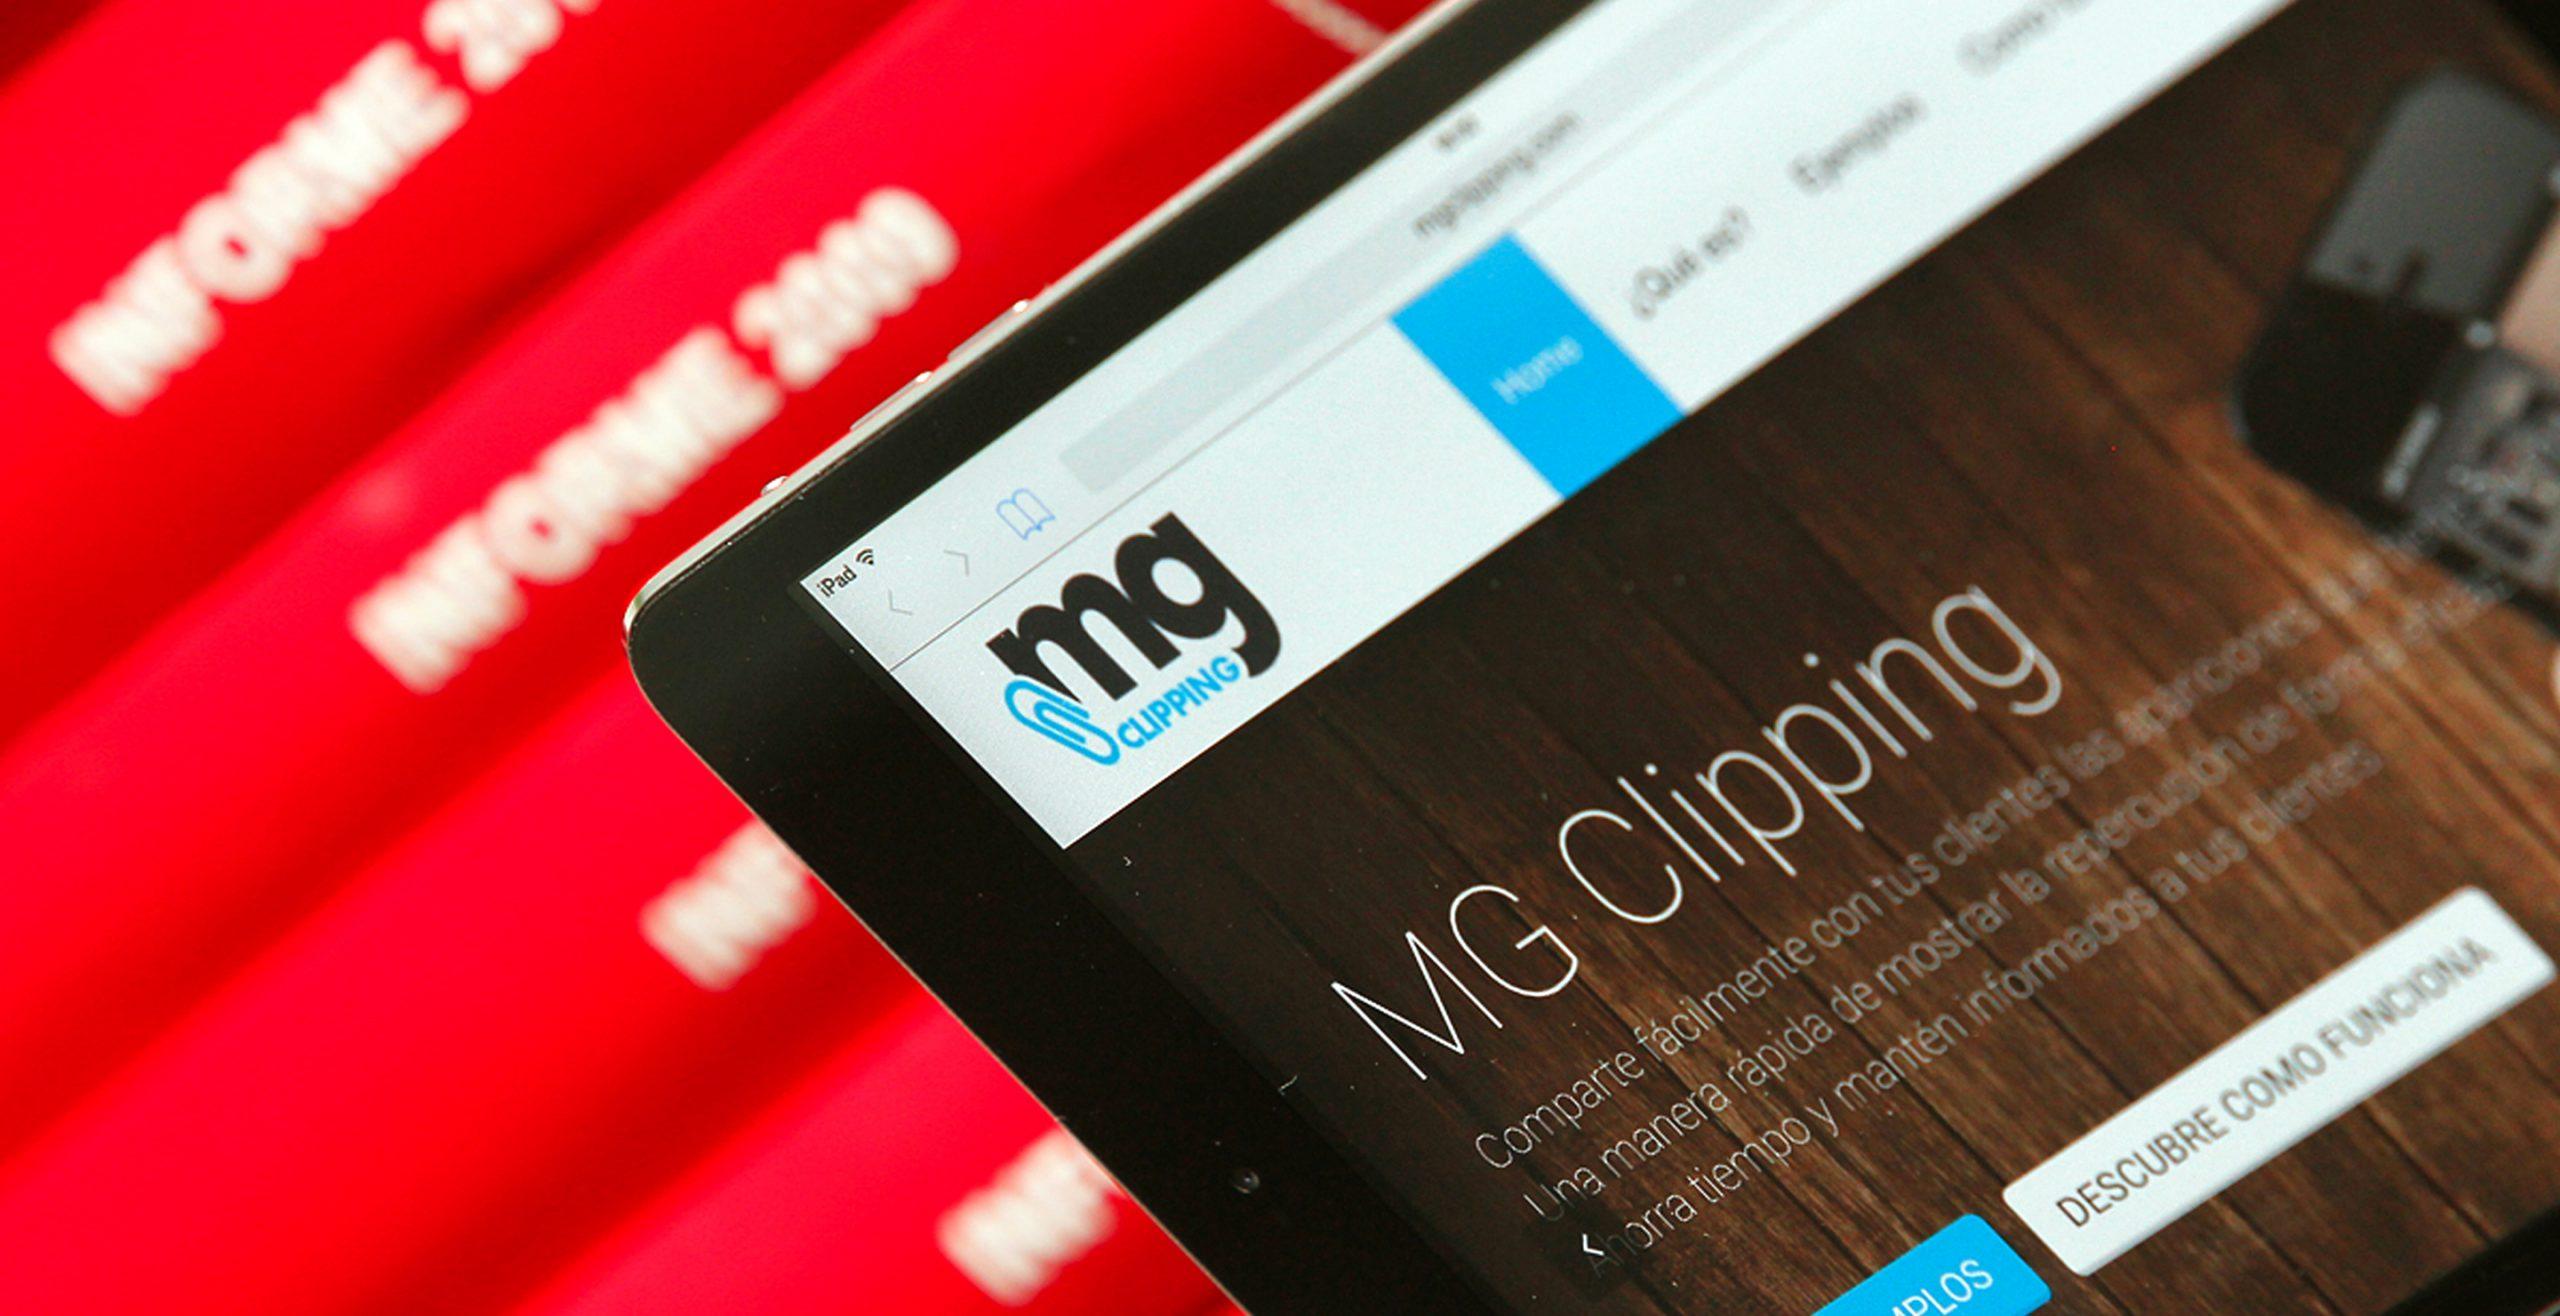 Detalle de la landing page de la web de MG Clipping